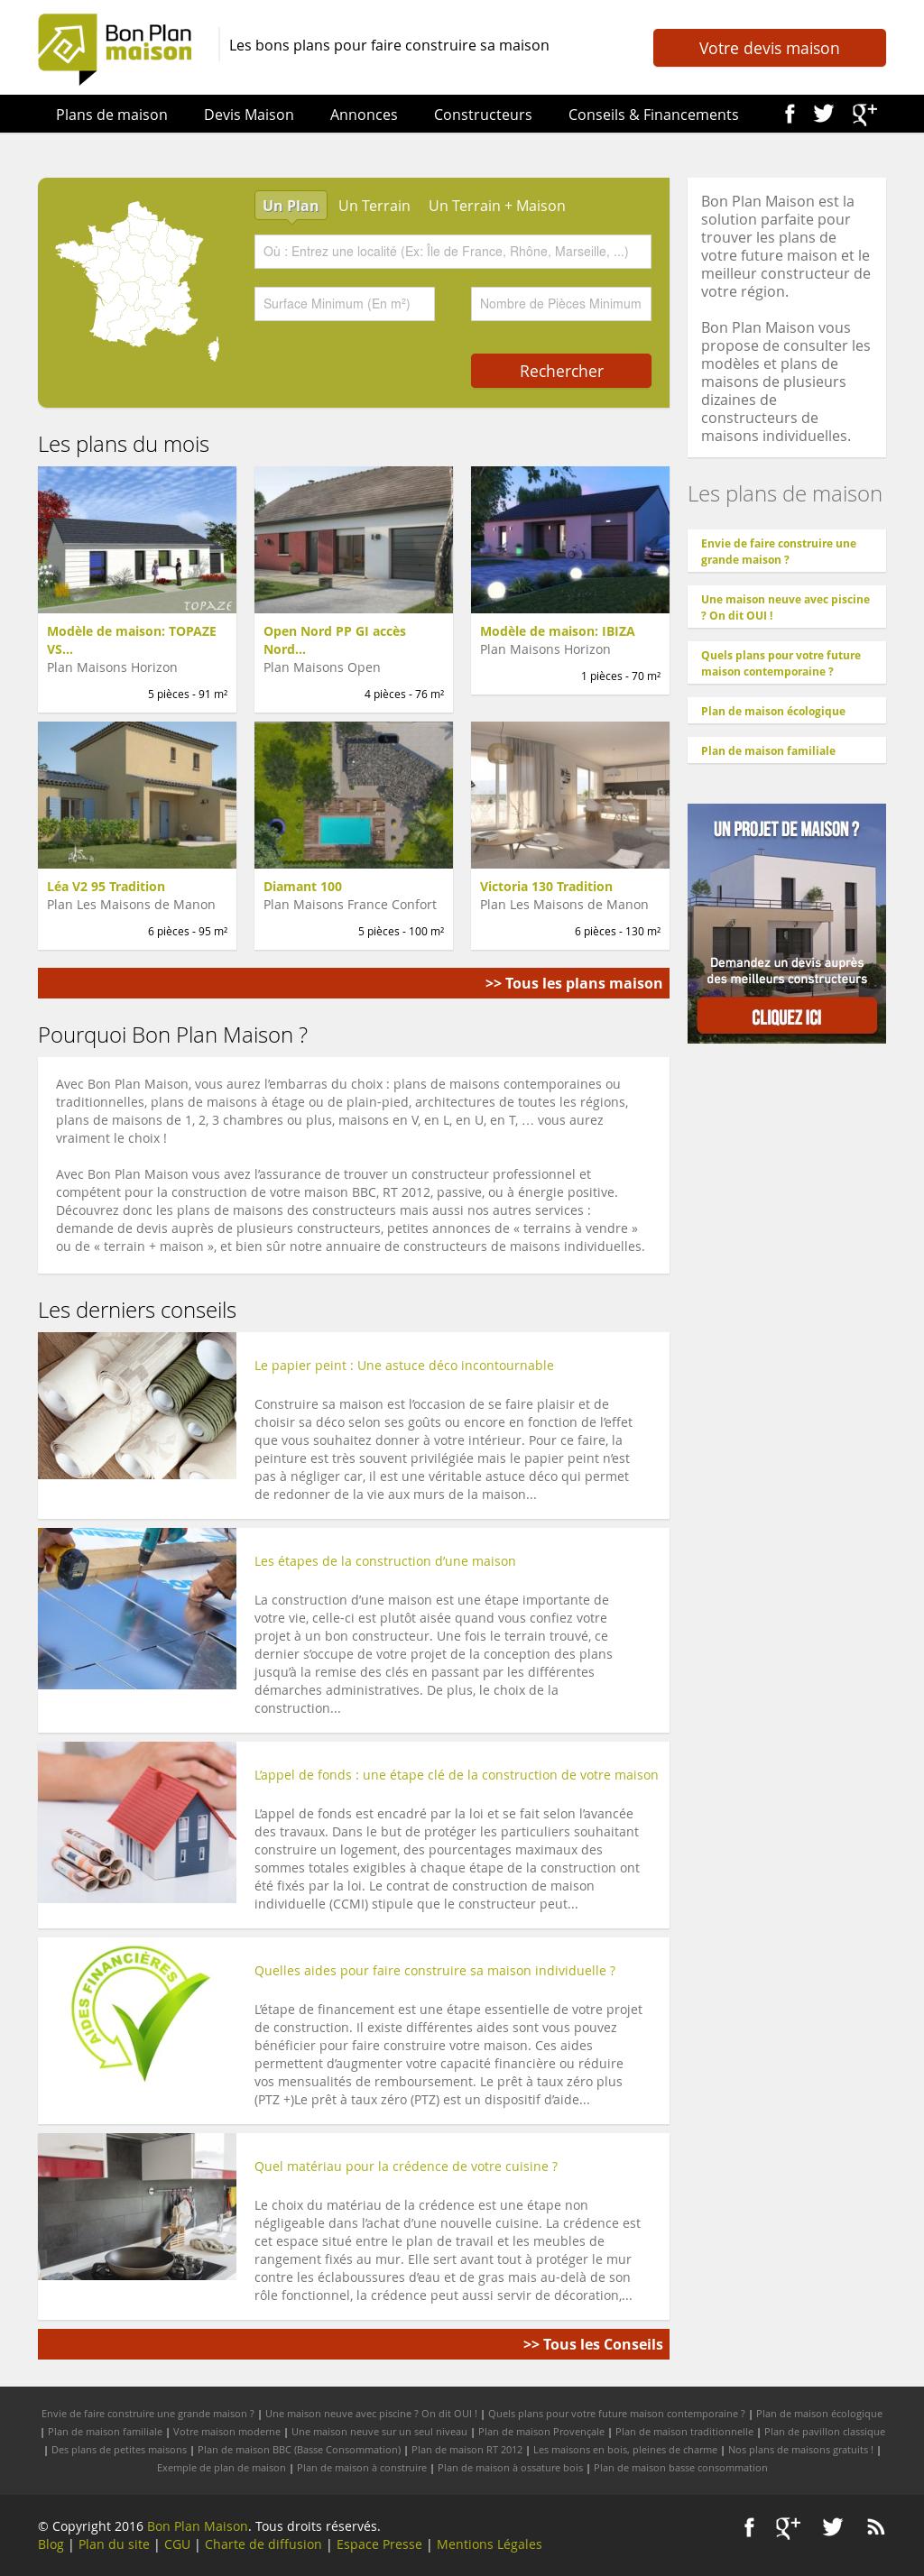 plan maison web